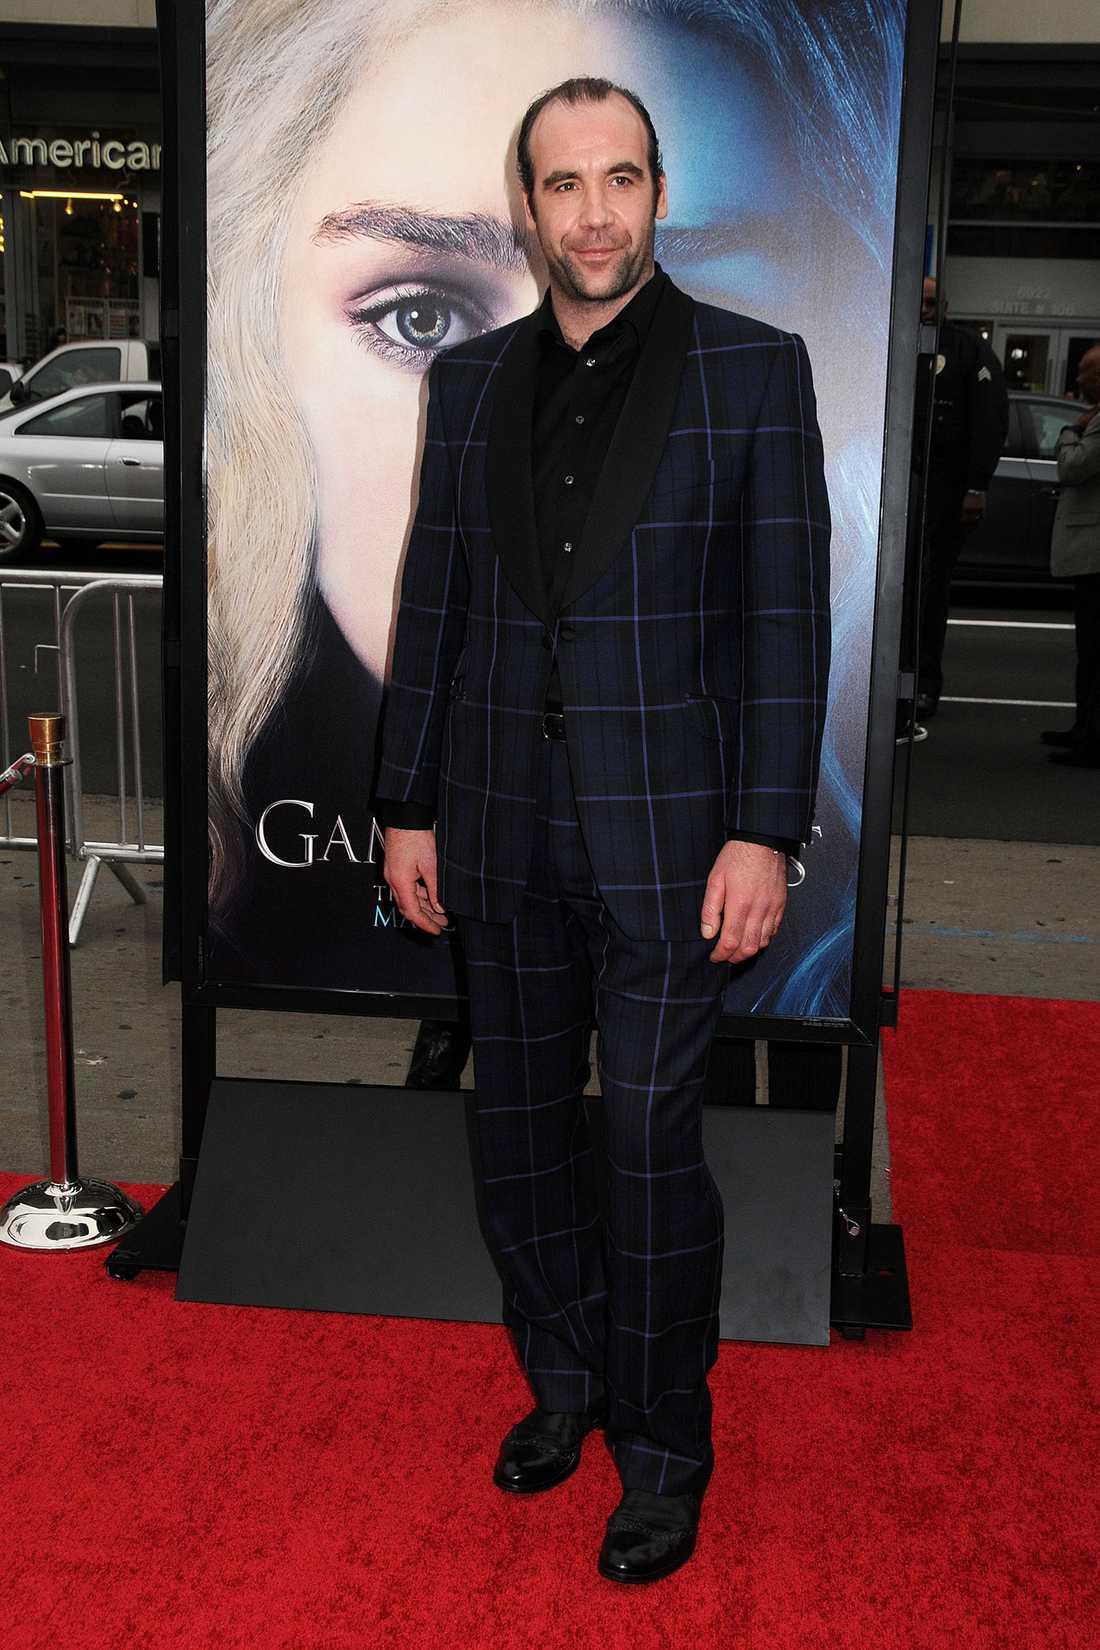 Rory som han ser ut till vardags, på premiär.